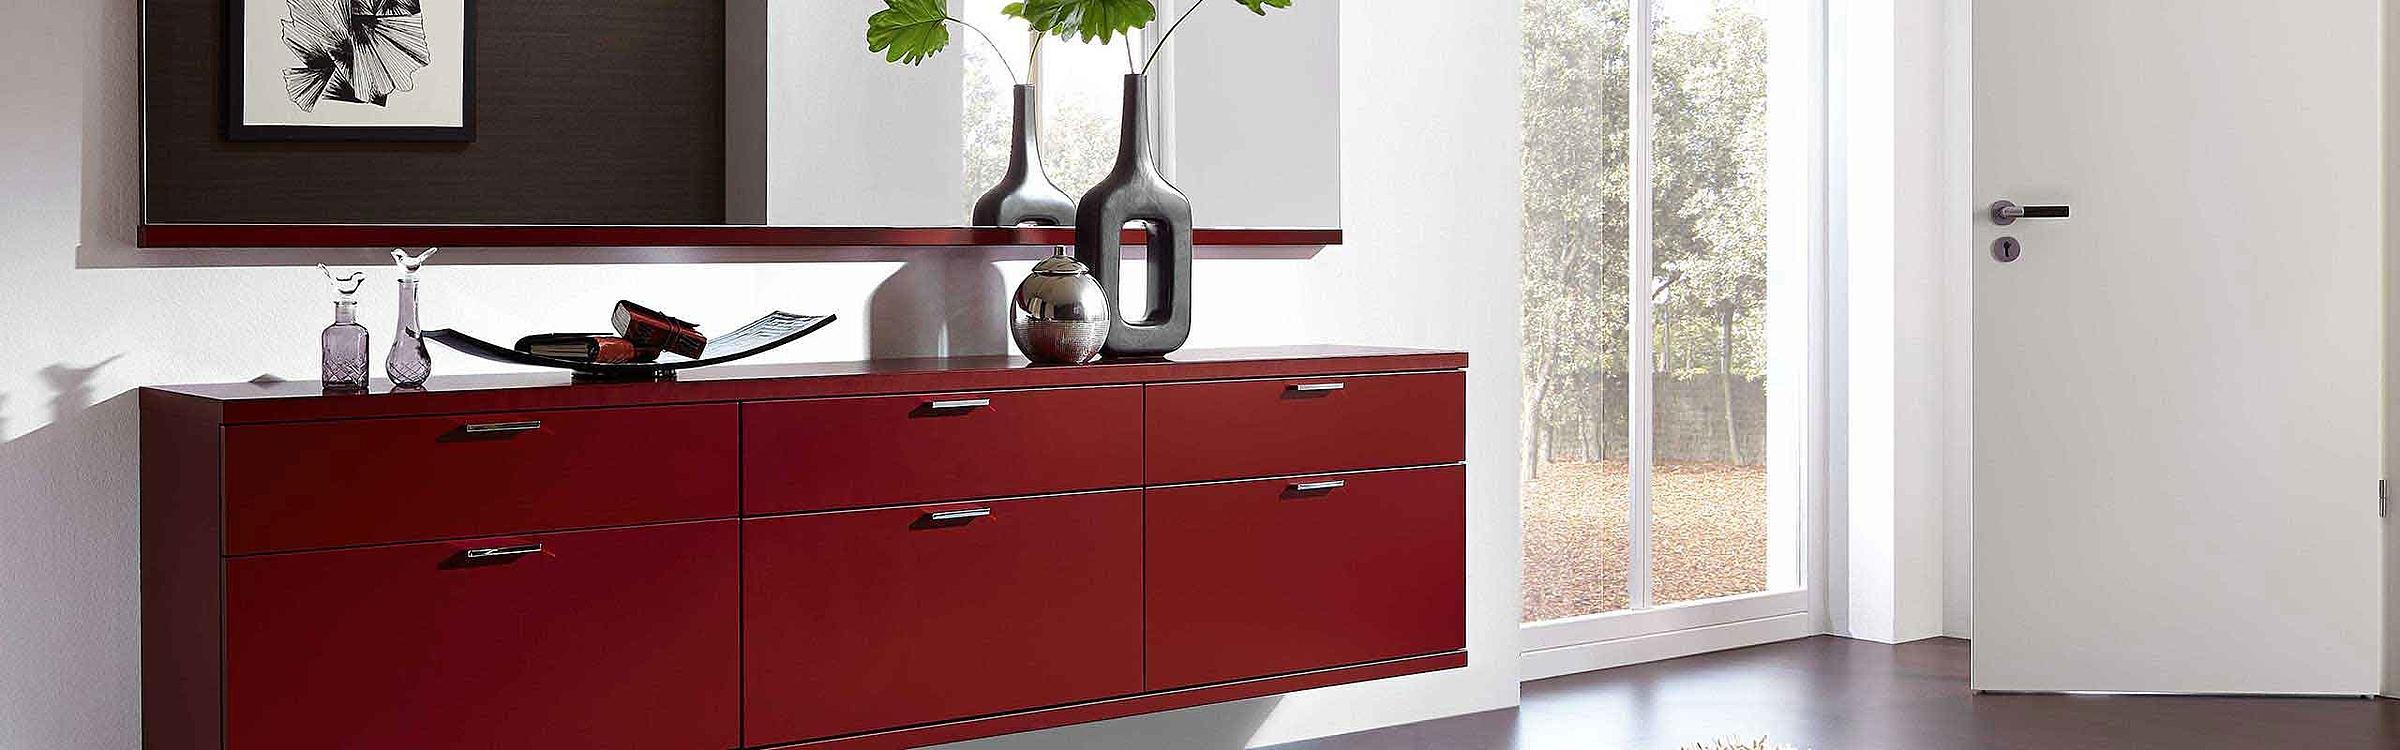 Schuhschrank Spiegel Garderobe Siena rot